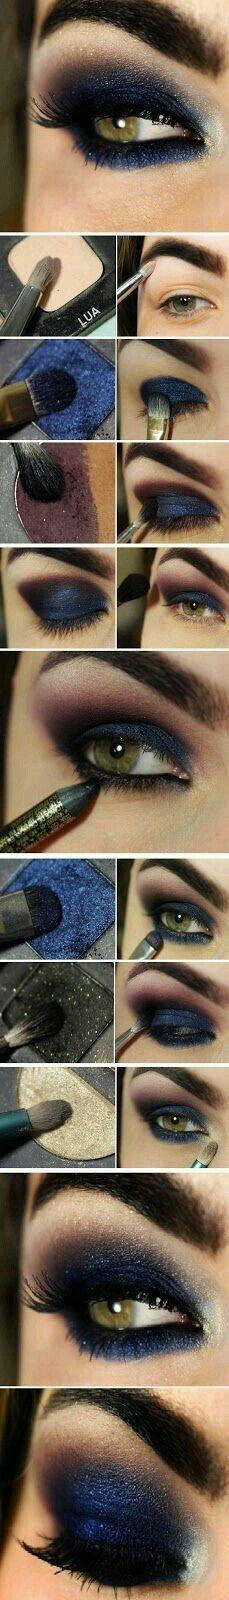 dark blue eyeshadow